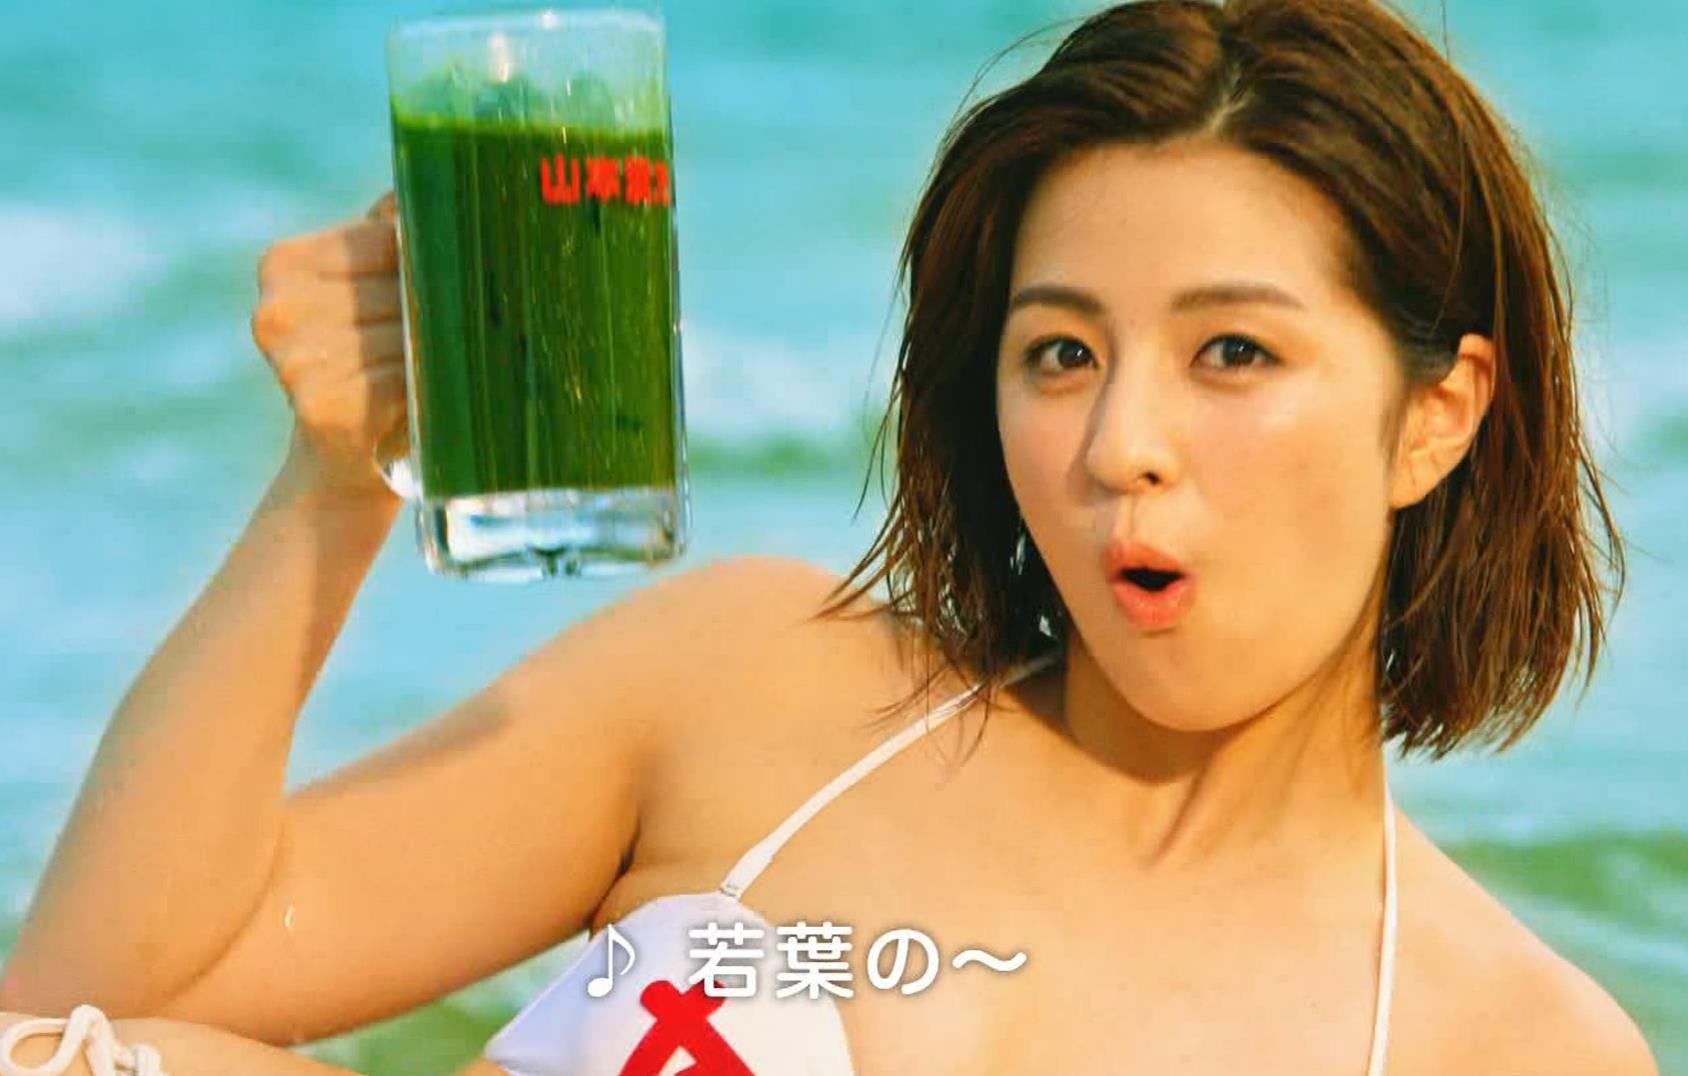 柳ゆり菜 ビキニの健康食品CMがぶっ飛んでてエロ過ぎキャプ・エロ画像7